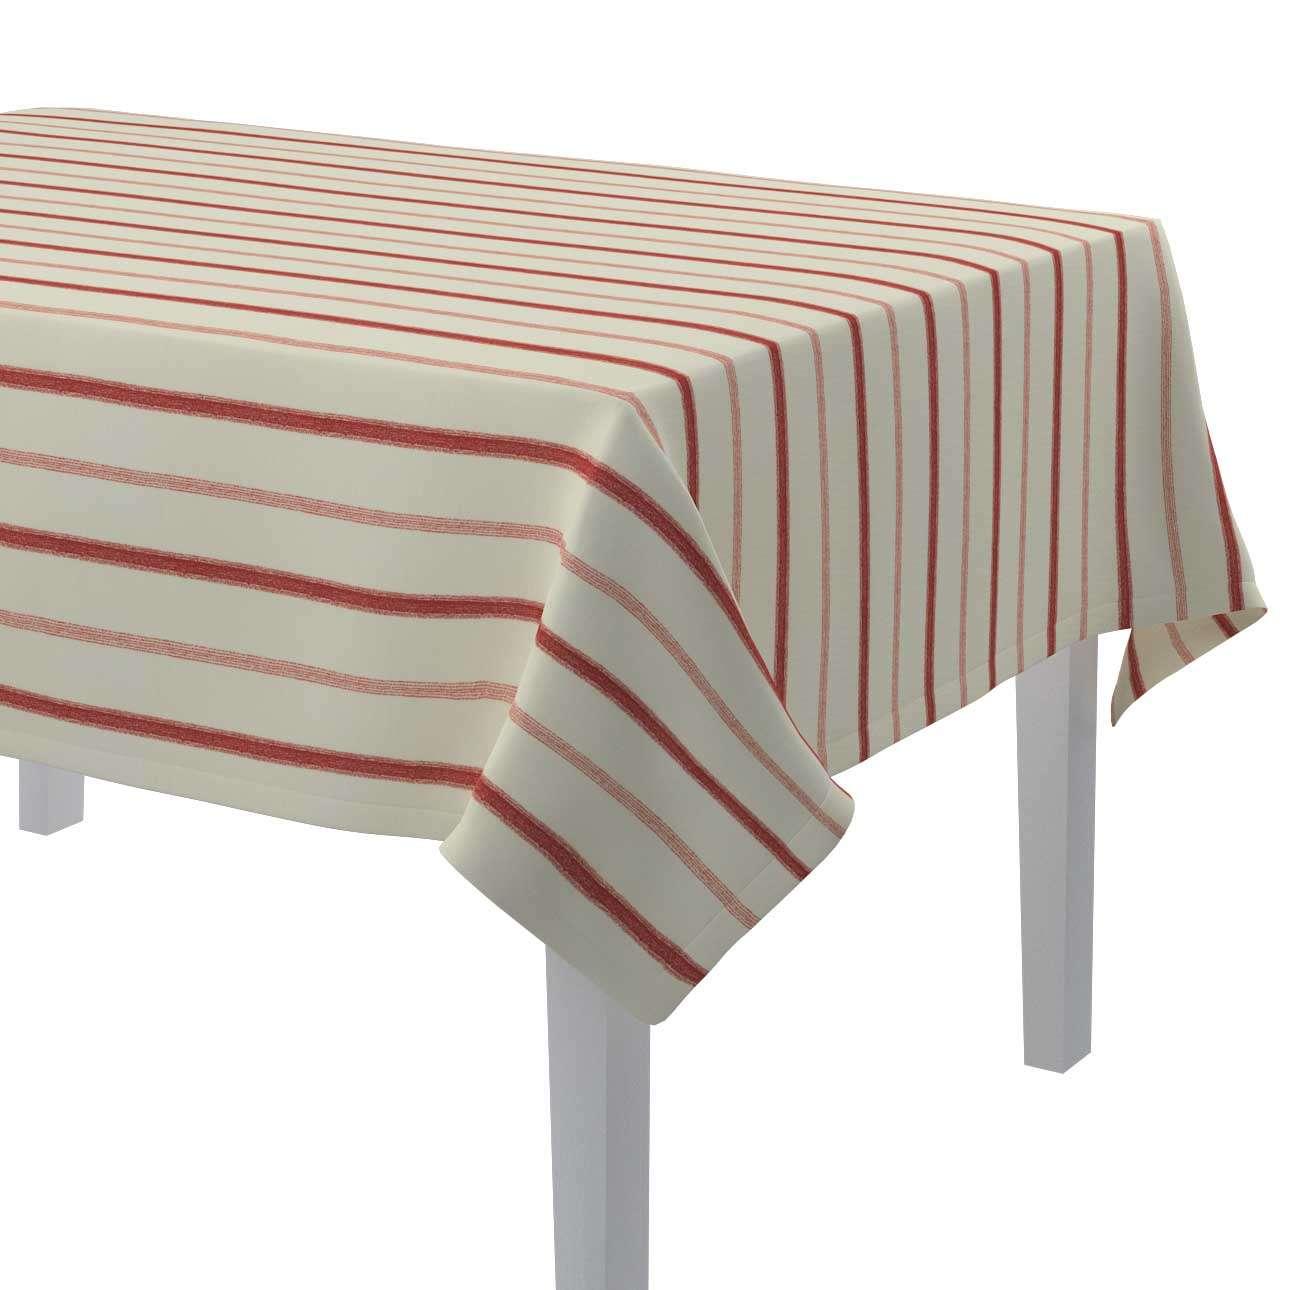 Staltiesės (stalui su kampais) 130 x 130 cm kolekcijoje Avinon, audinys: 129-15